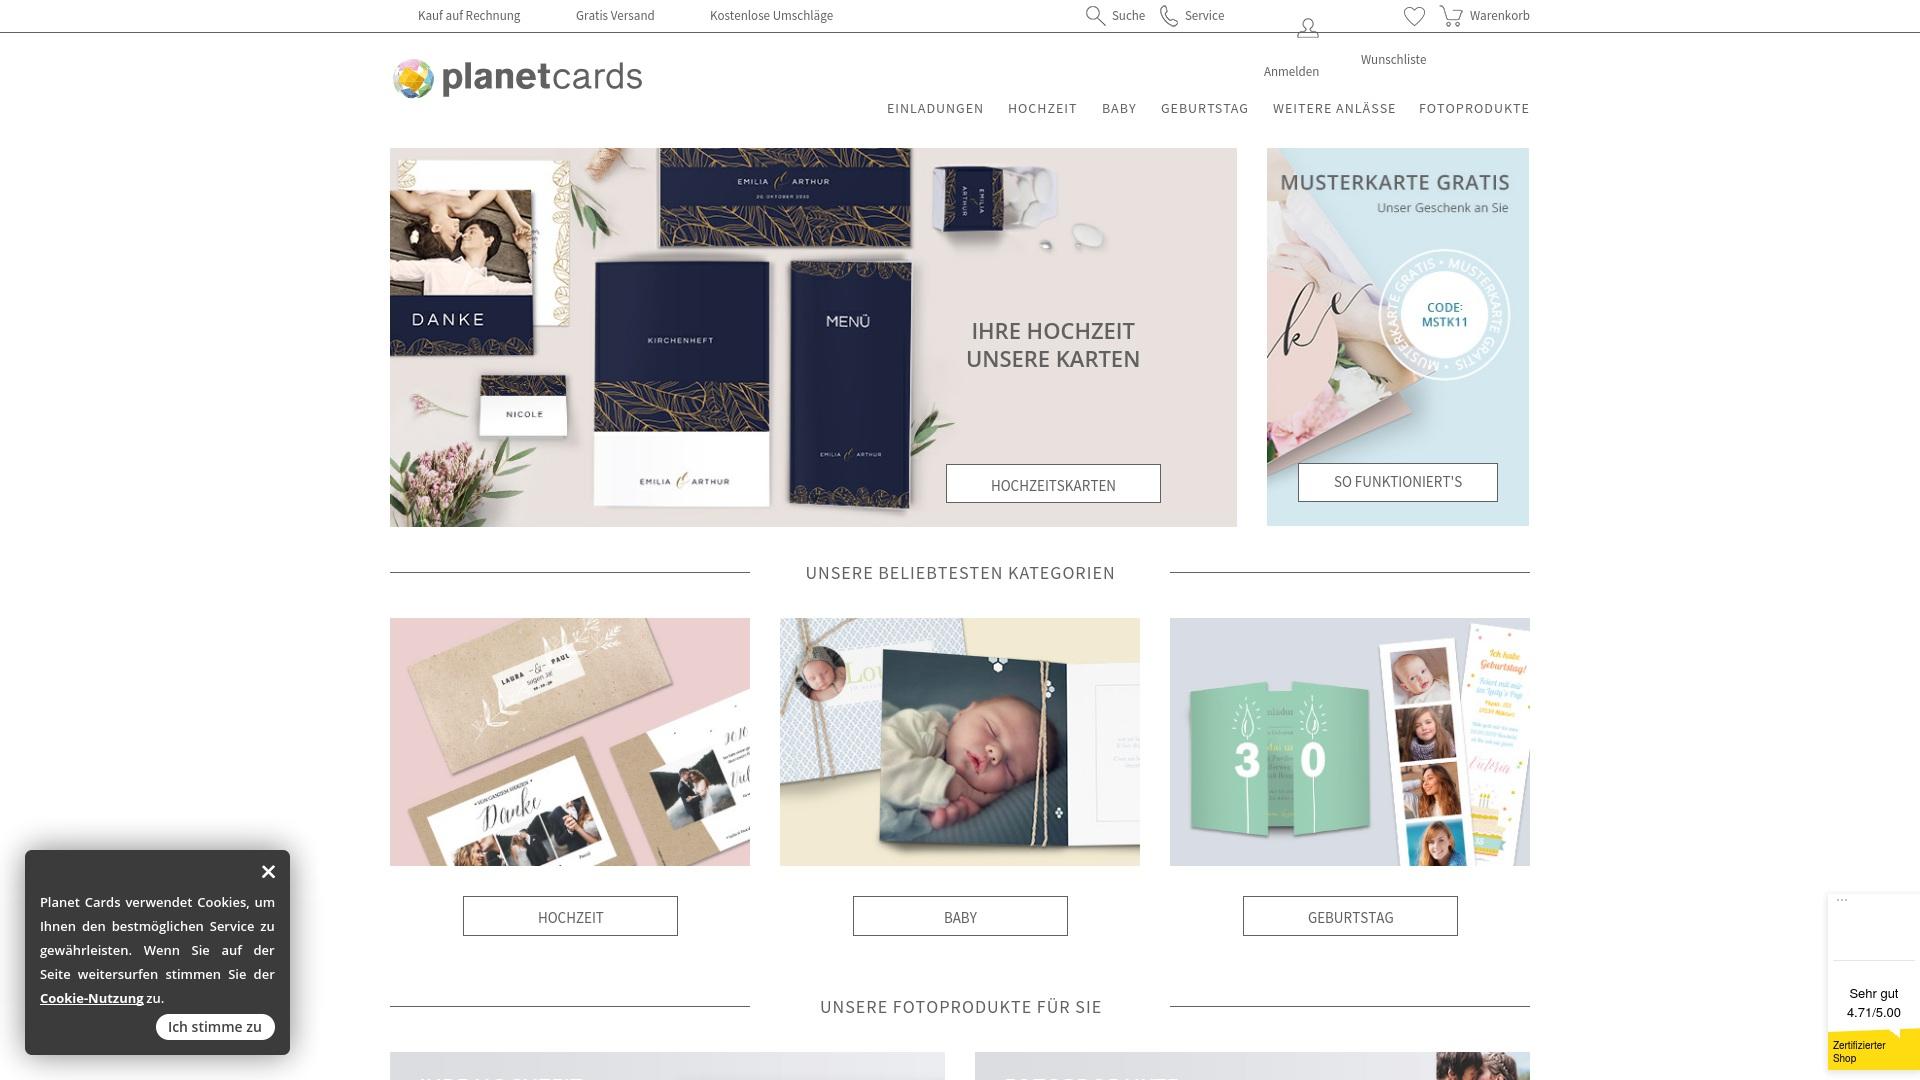 Gutschein für Planet-cards: Rabatte für  Planet-cards sichern